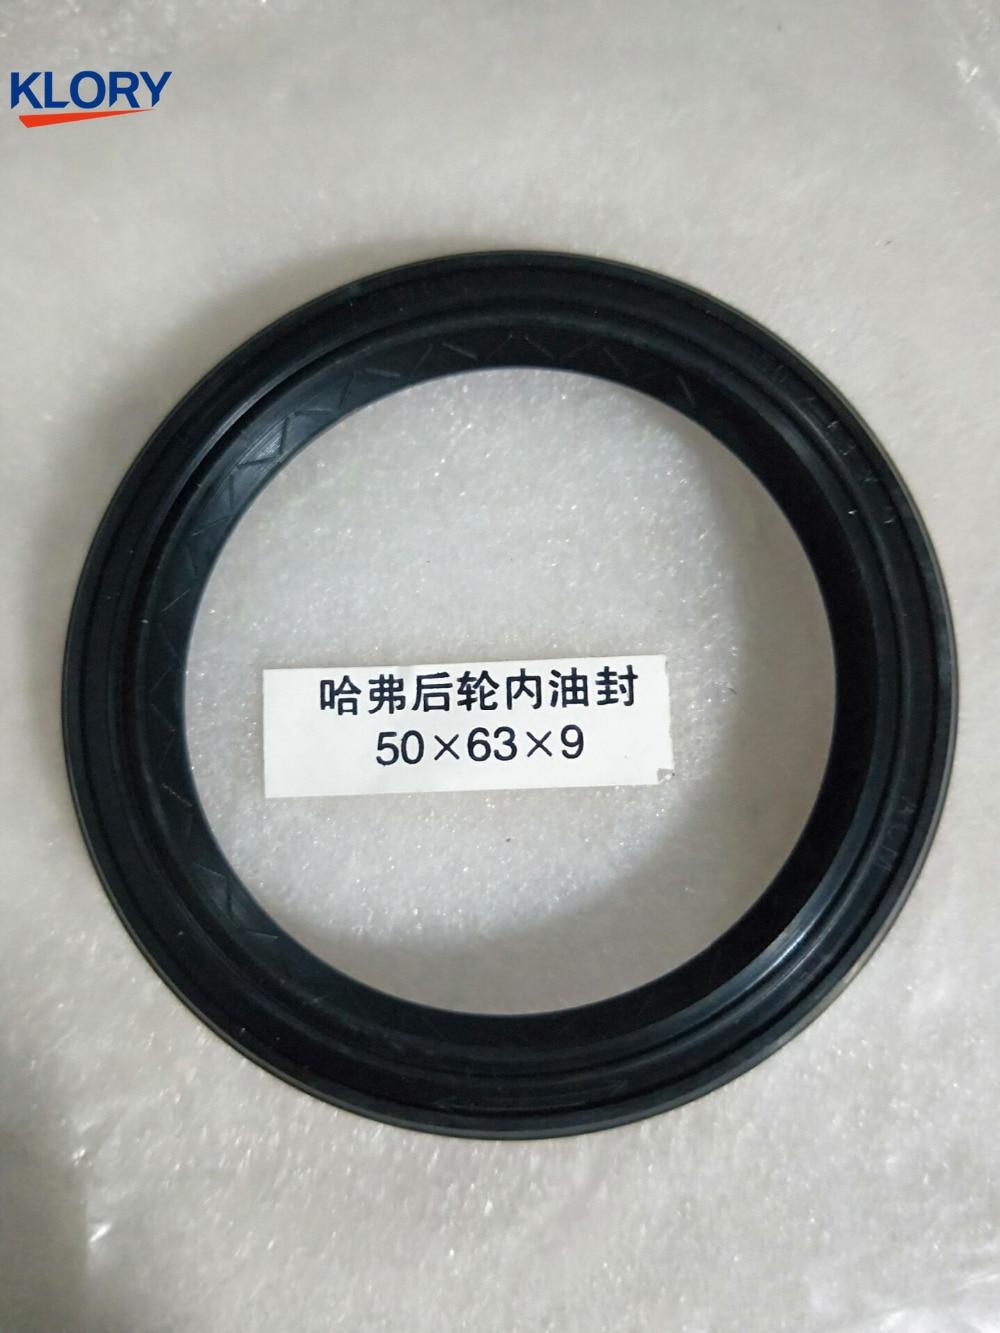 2400200-K00 interno do rolamento da roda Traseira montagem de vedação de óleo (50*63*9) para Great wall Haval